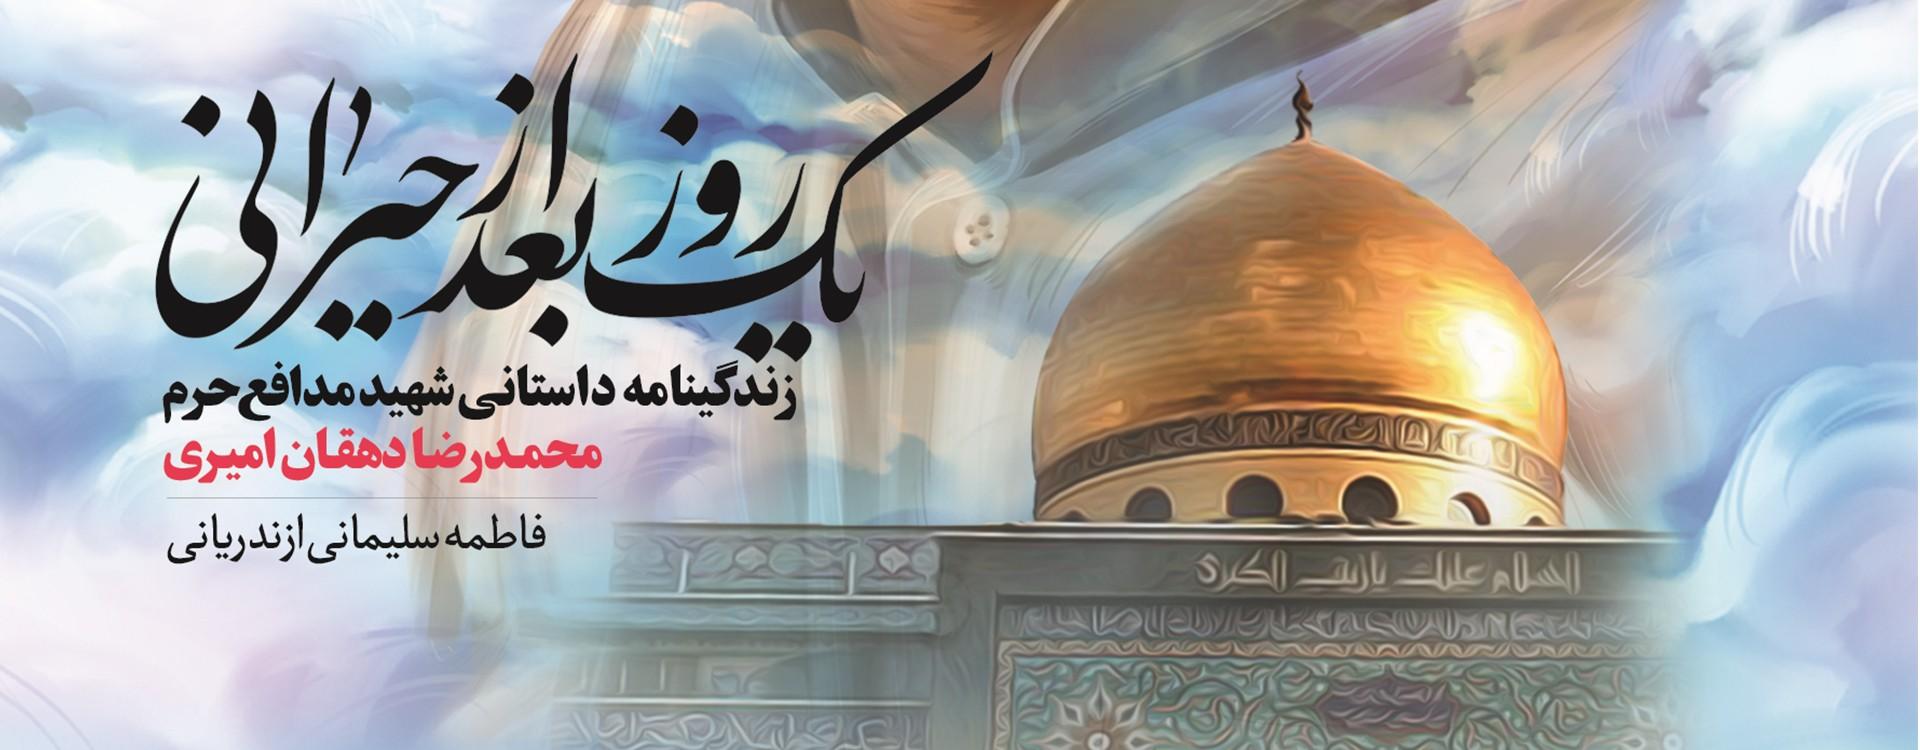 کتاب شهید محمدرضا دهقان برای هفتمین بار چاپ شد